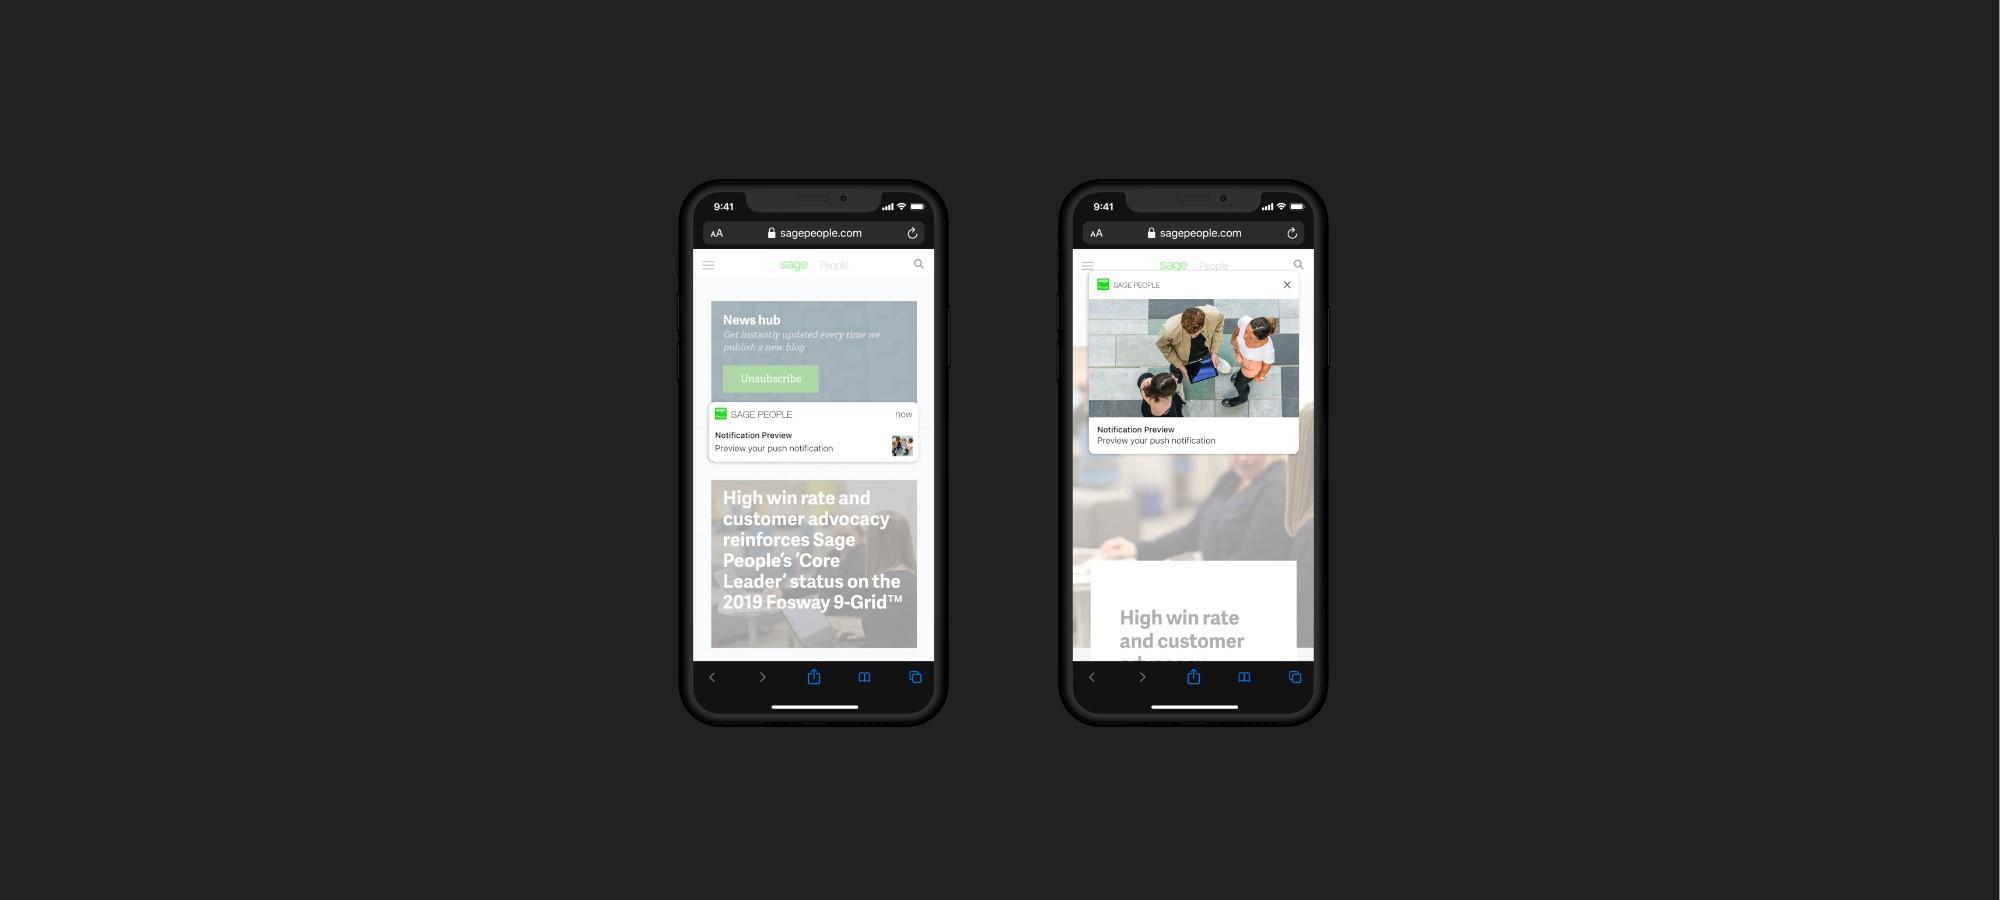 Mobiles browsing sagepeople website